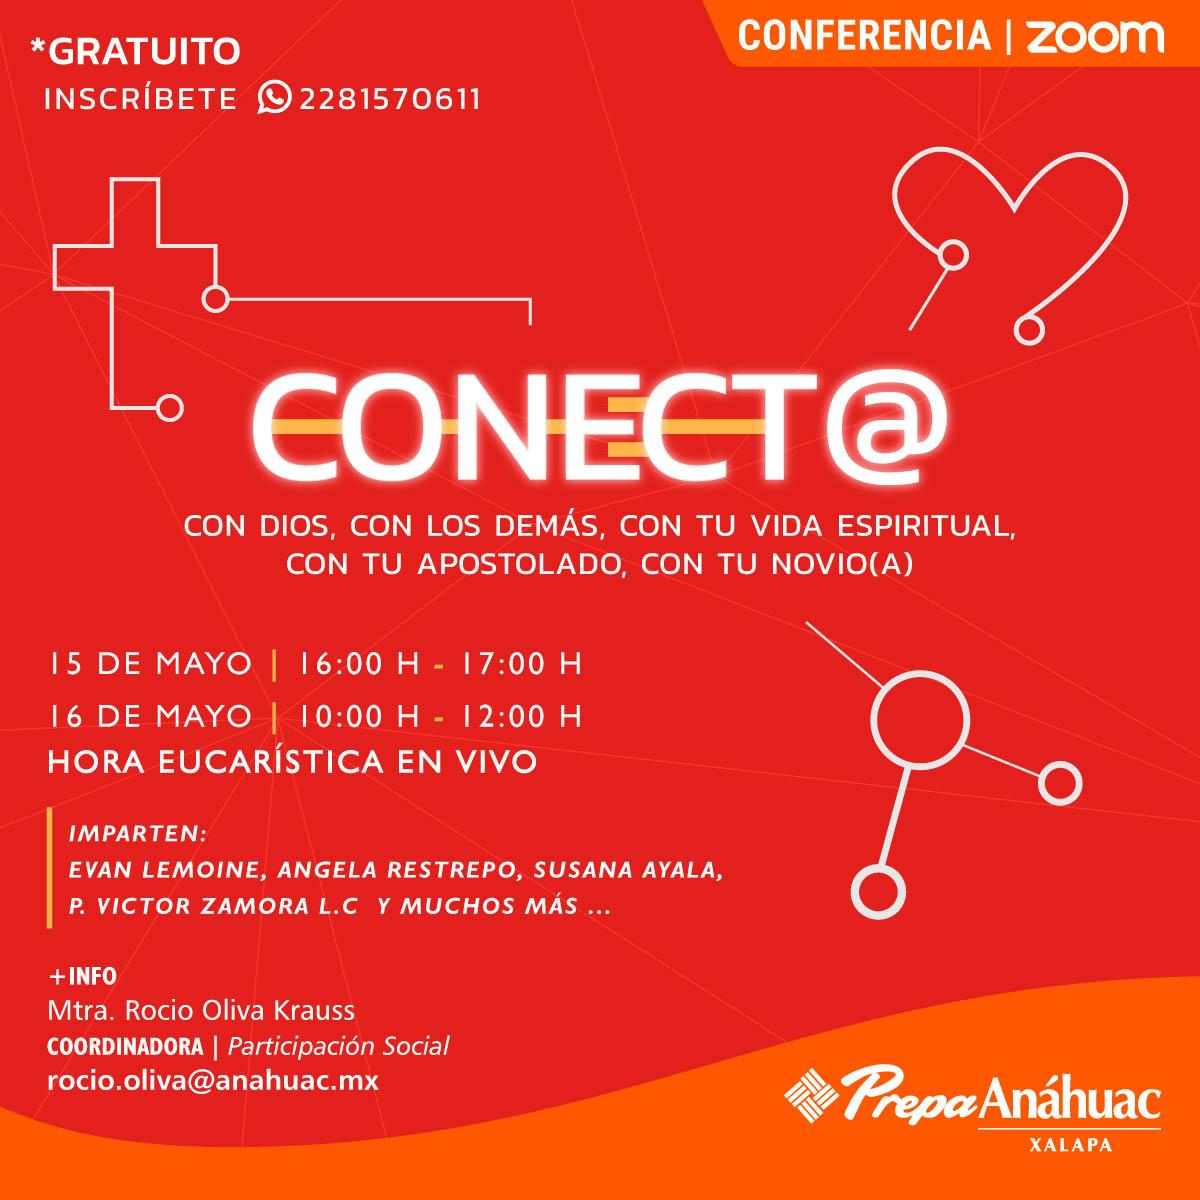 Conferencia CONECT@